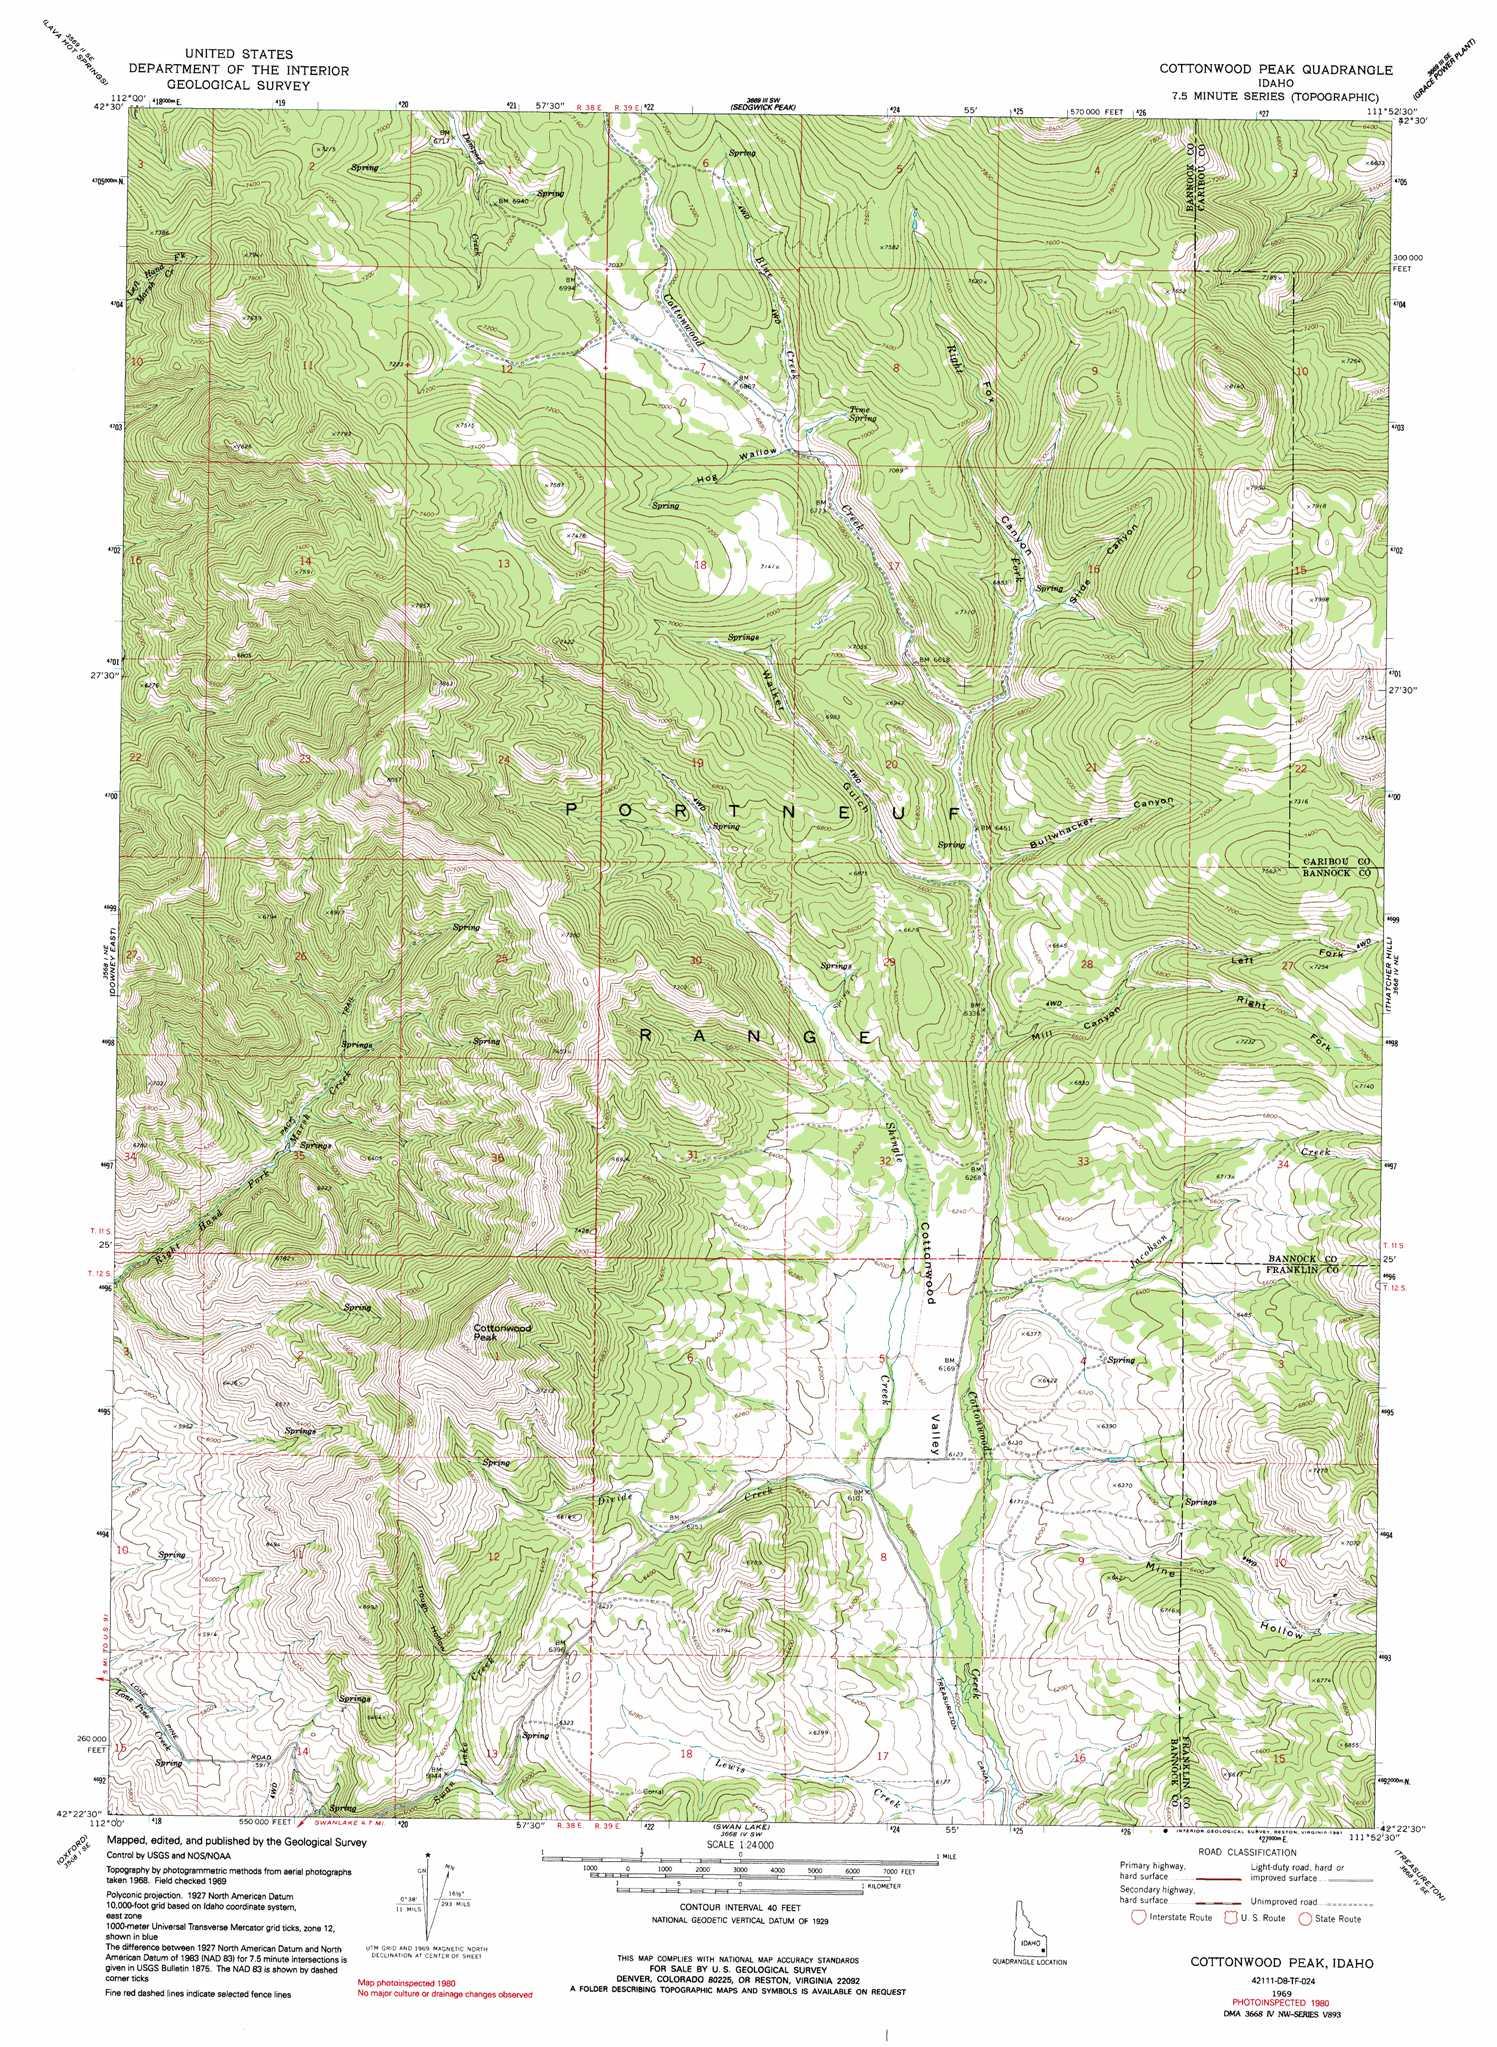 Cottonwood Peak Topographic Map ID  USGS Topo Quad 42111d8